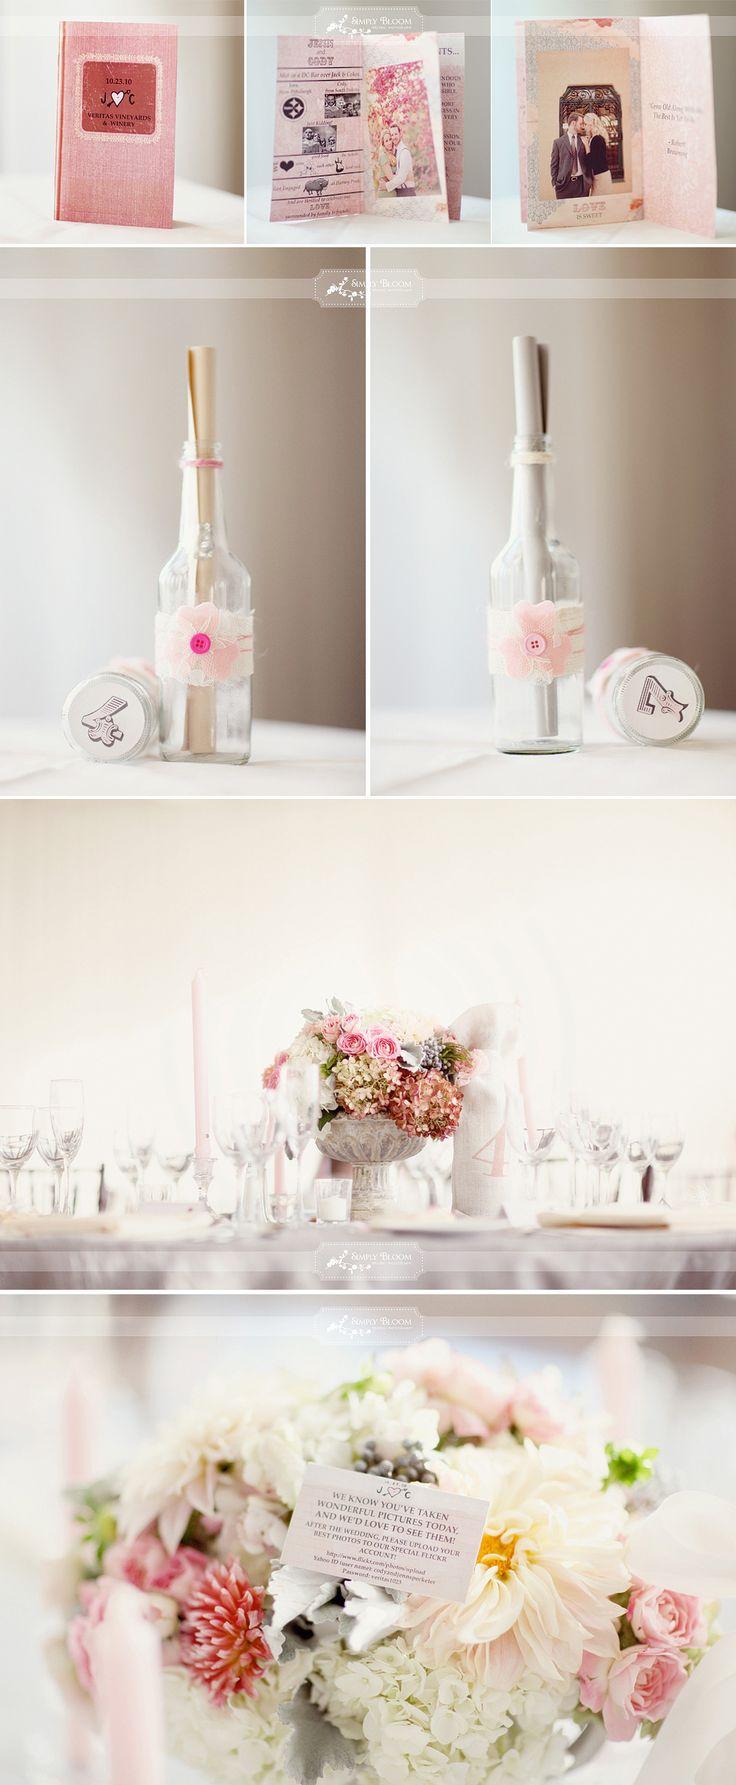 Décoration de table tons pastel et rose